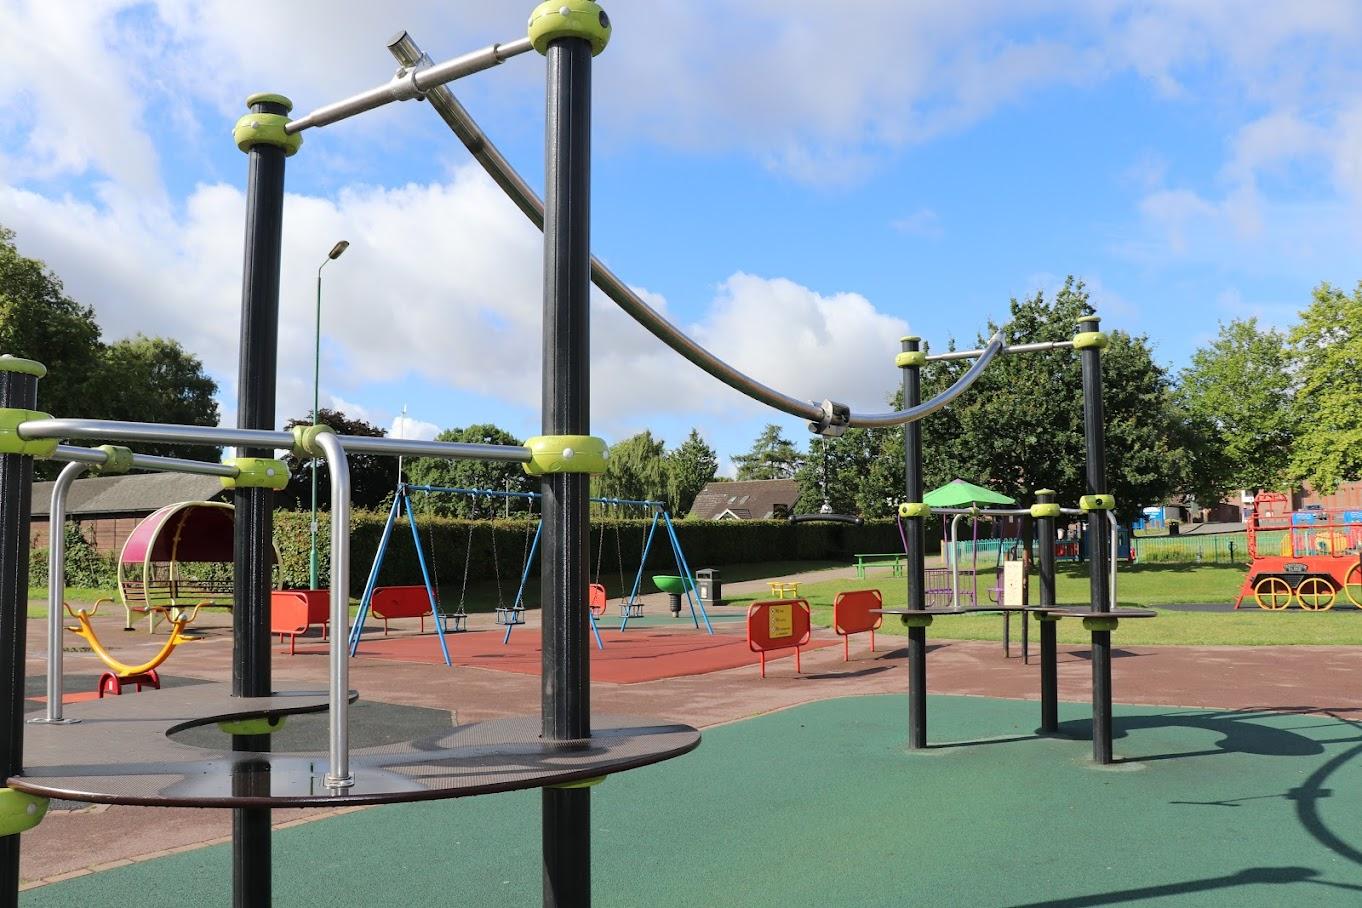 Tenterden Play Park, Tenterden Recreation Ground